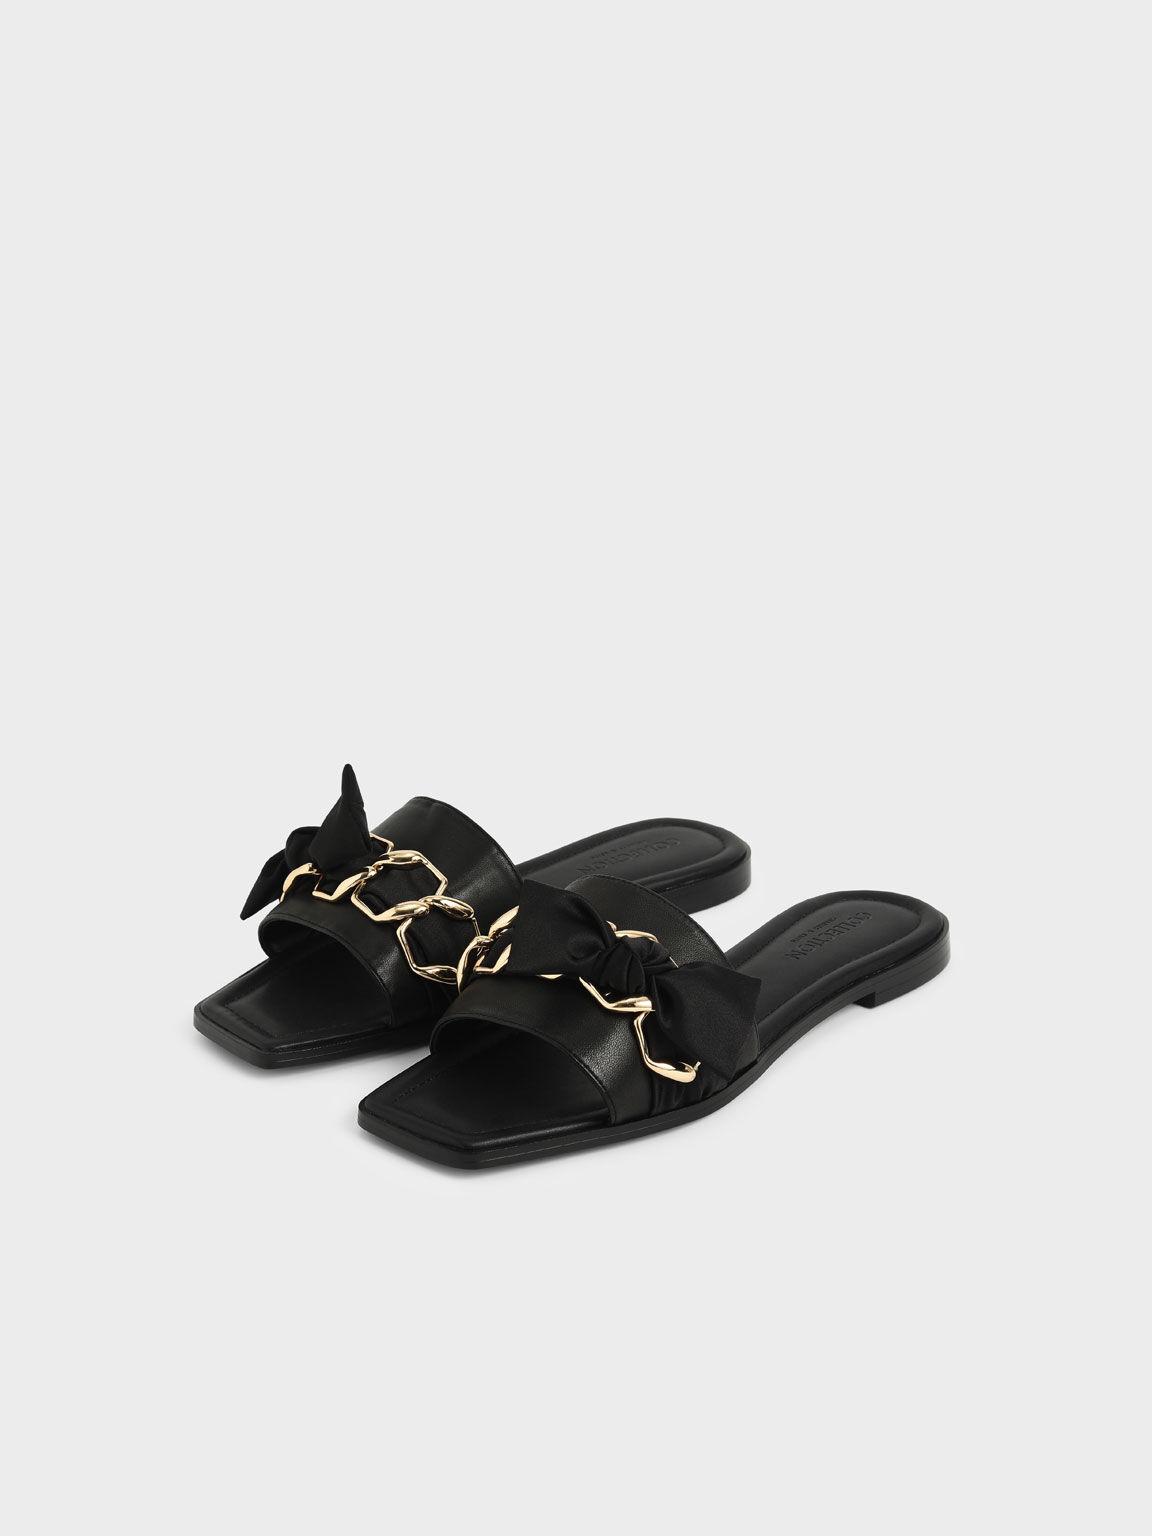 金屬編織真皮拖鞋, 黑色, hi-res